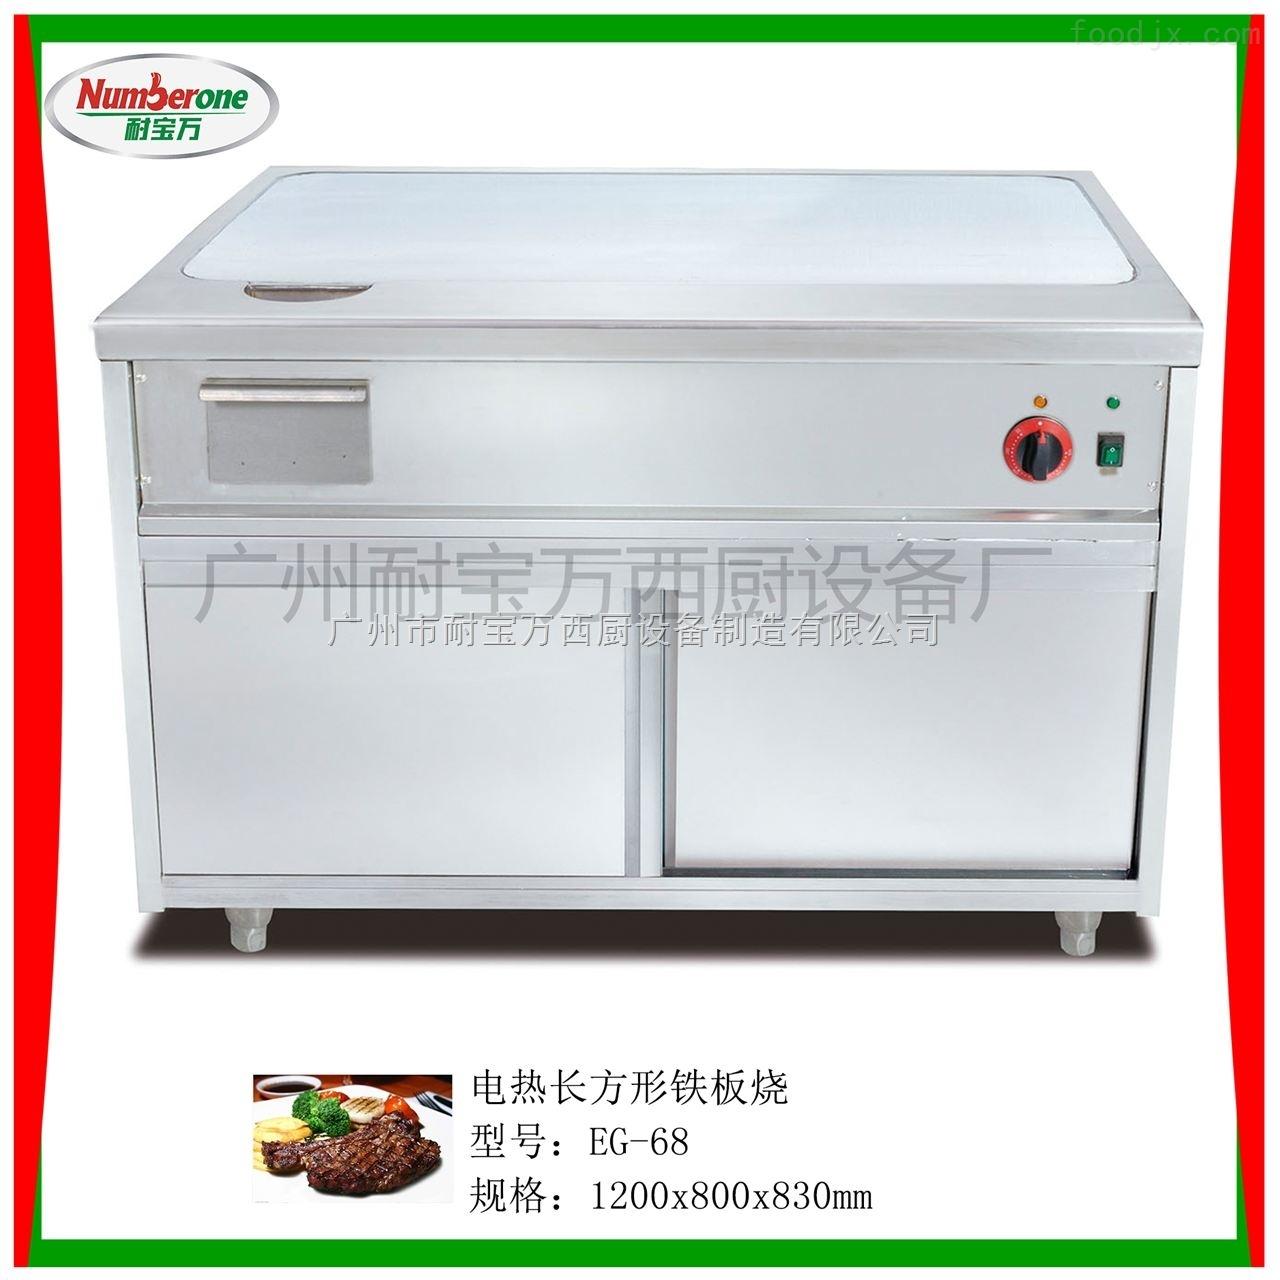 立式电平扒炉(铁板烧)/煎饼炉